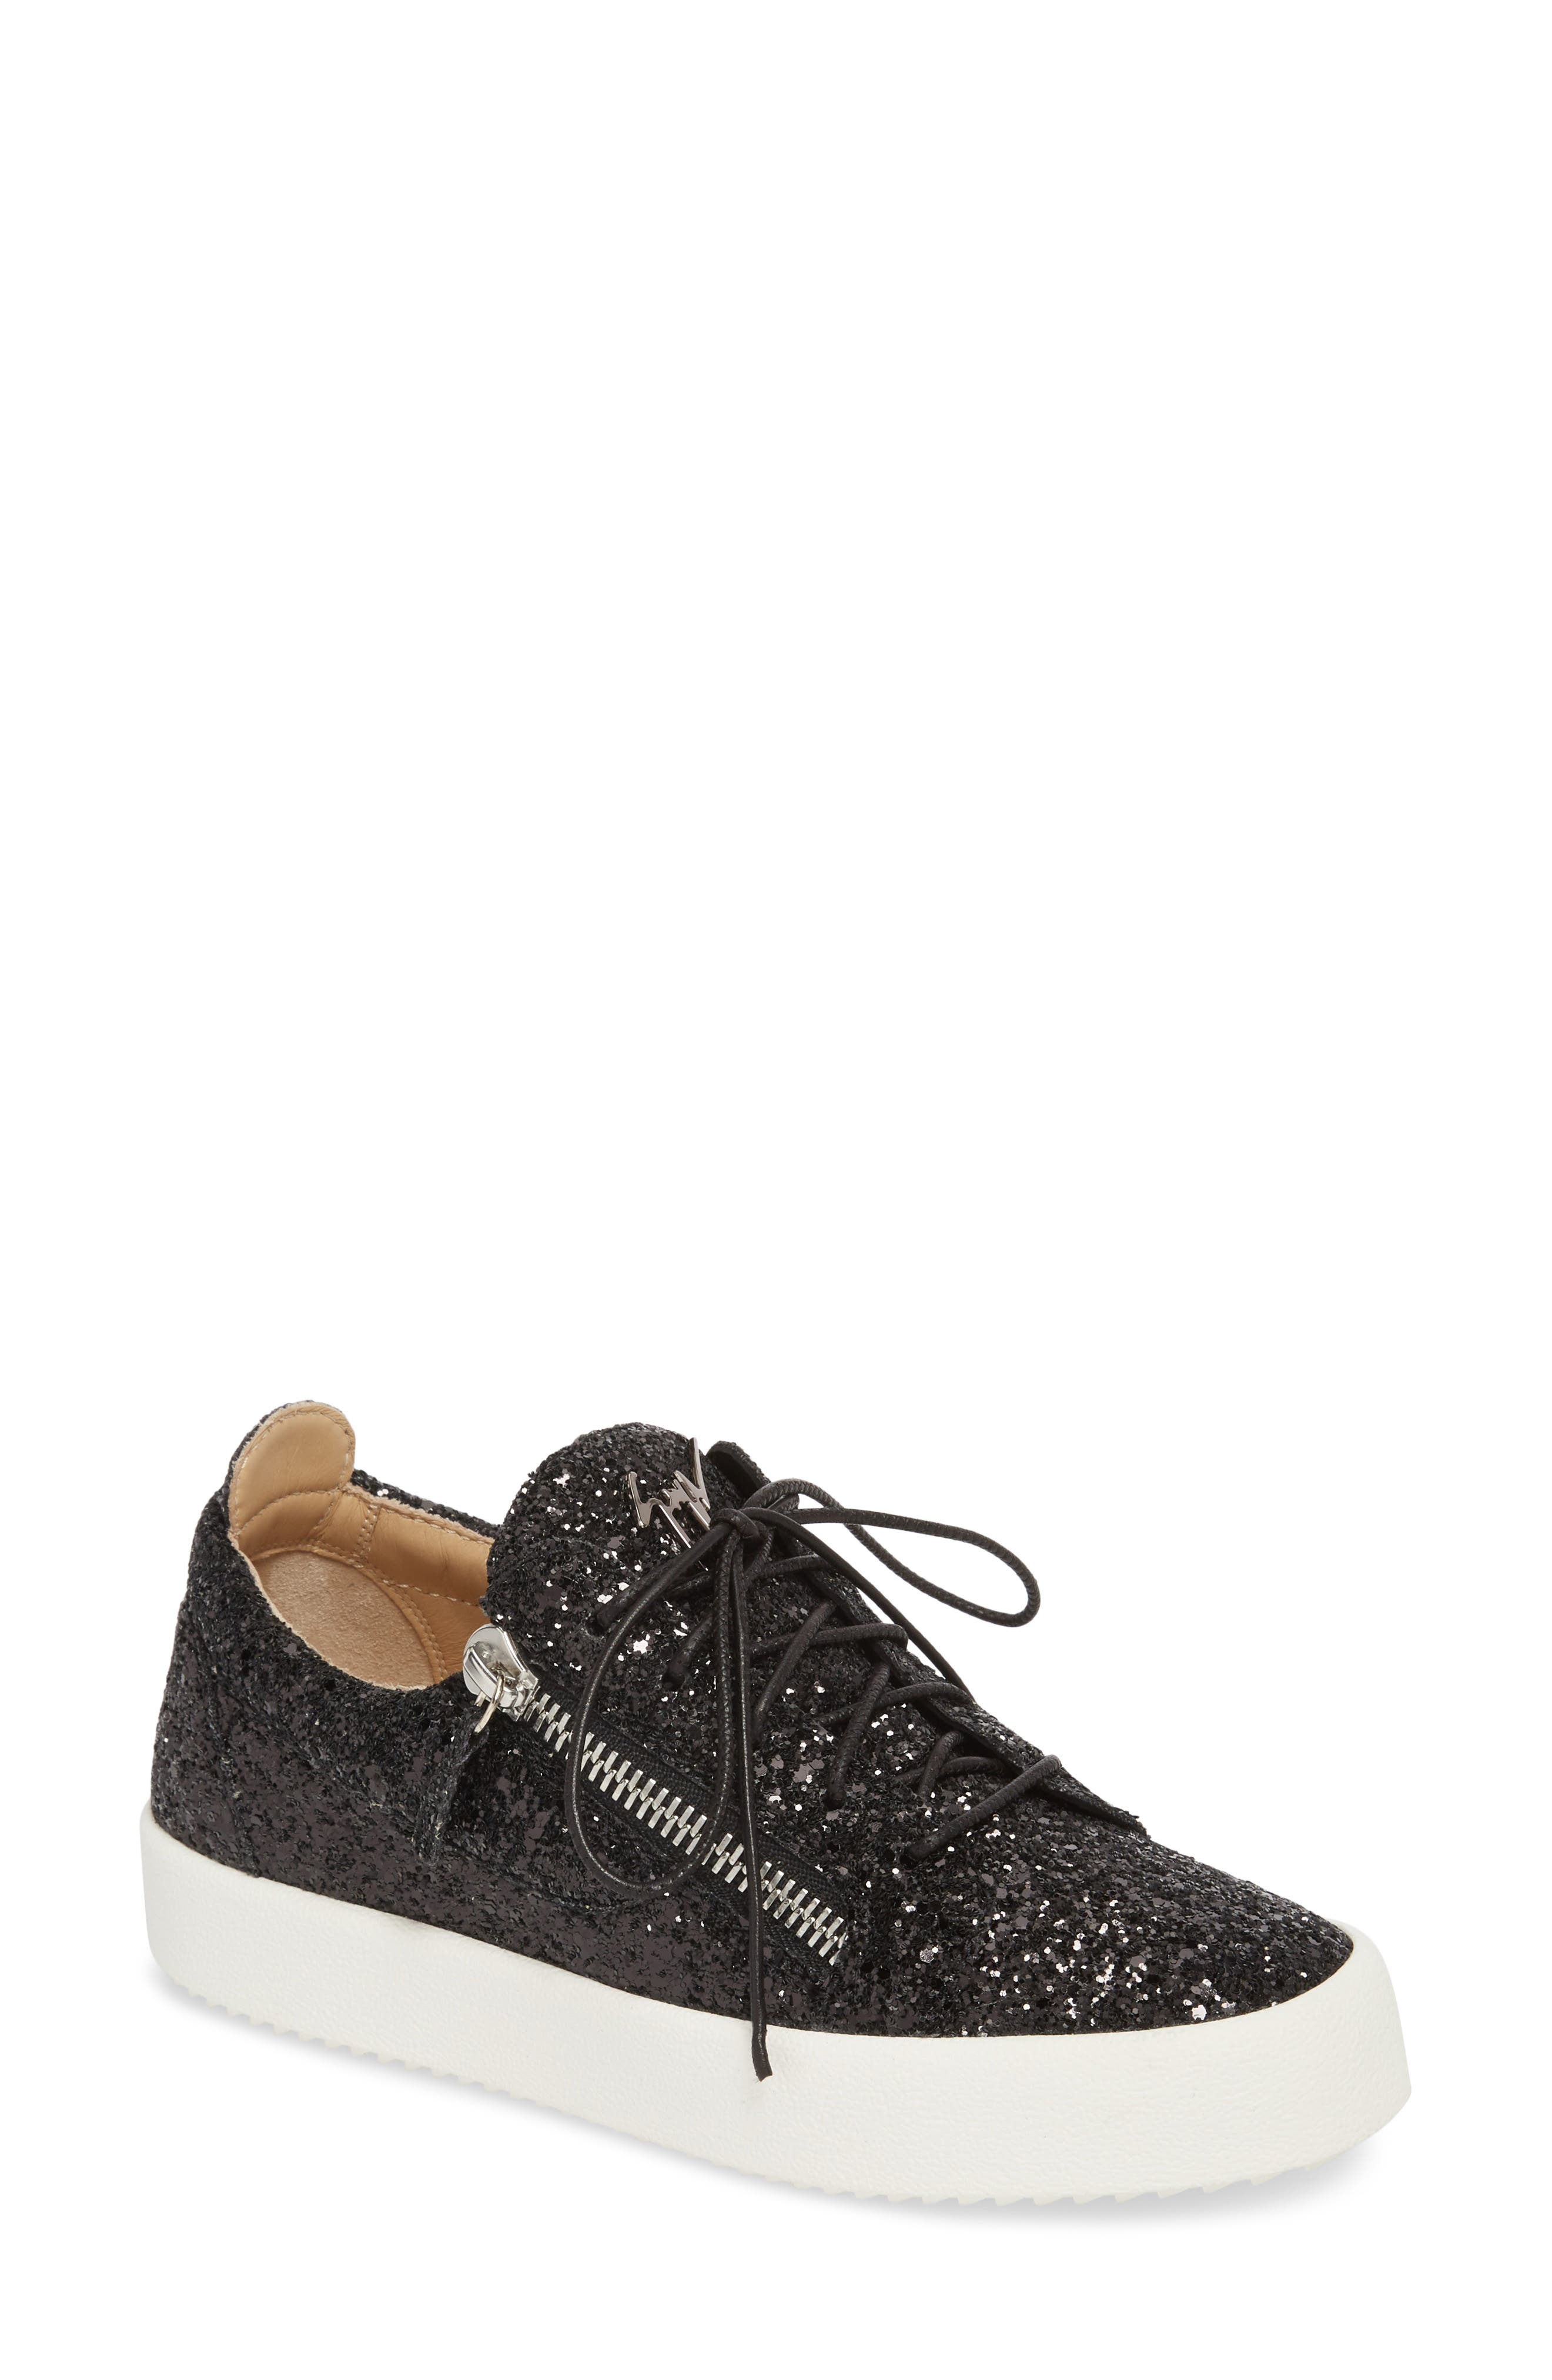 May London Low Top Sneaker,                         Main,                         color, BLACK